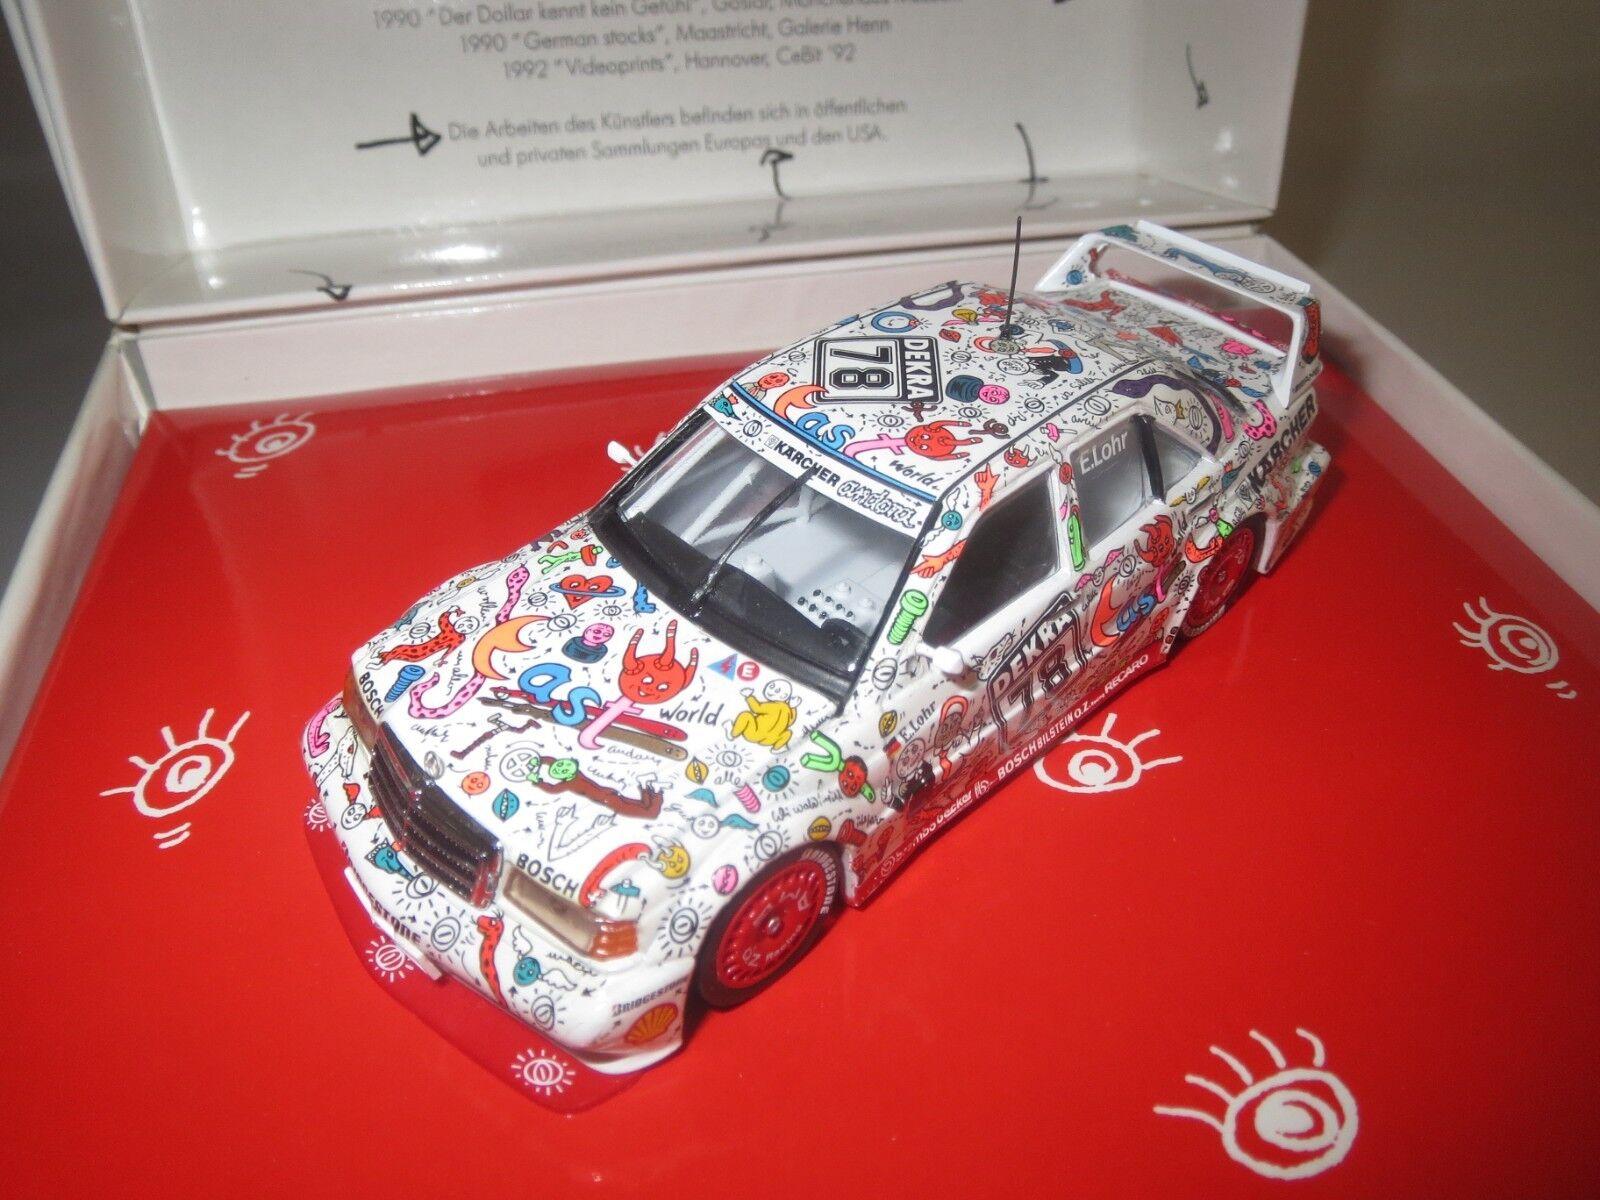 Minichamps tipo  car Edition Mercedes-Benz 190 e camionista  tipo E. LOHR 1 43 OVP  067a3e